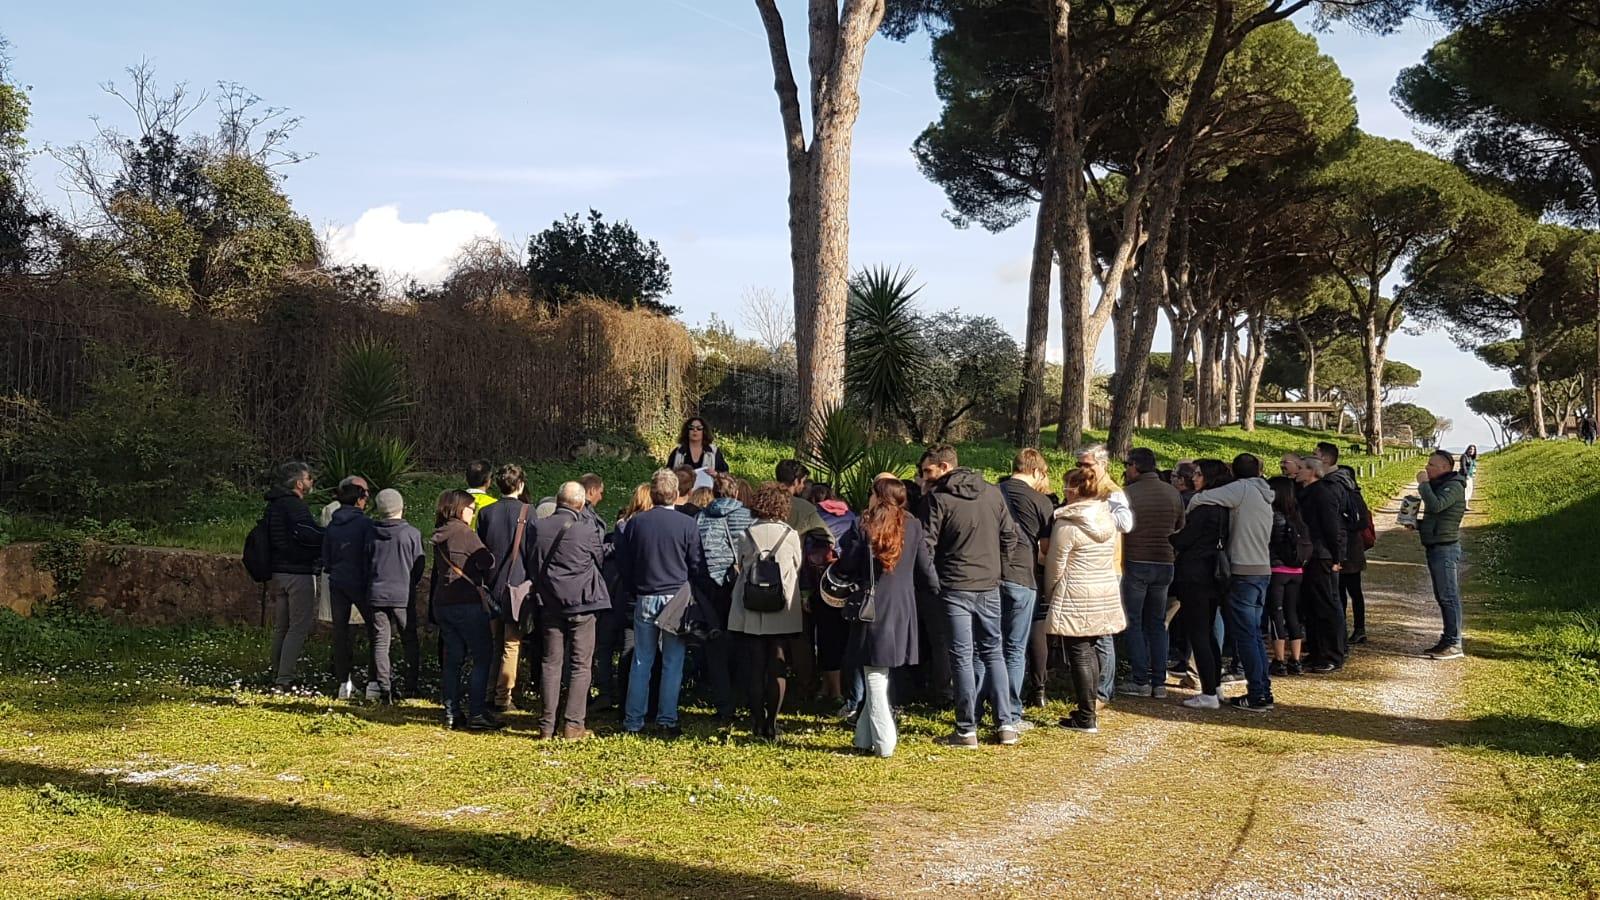 Bilancio della Settimana dei Musei e della Giornata del Paesaggio nel Parco Archeologico dell'Appia Antica